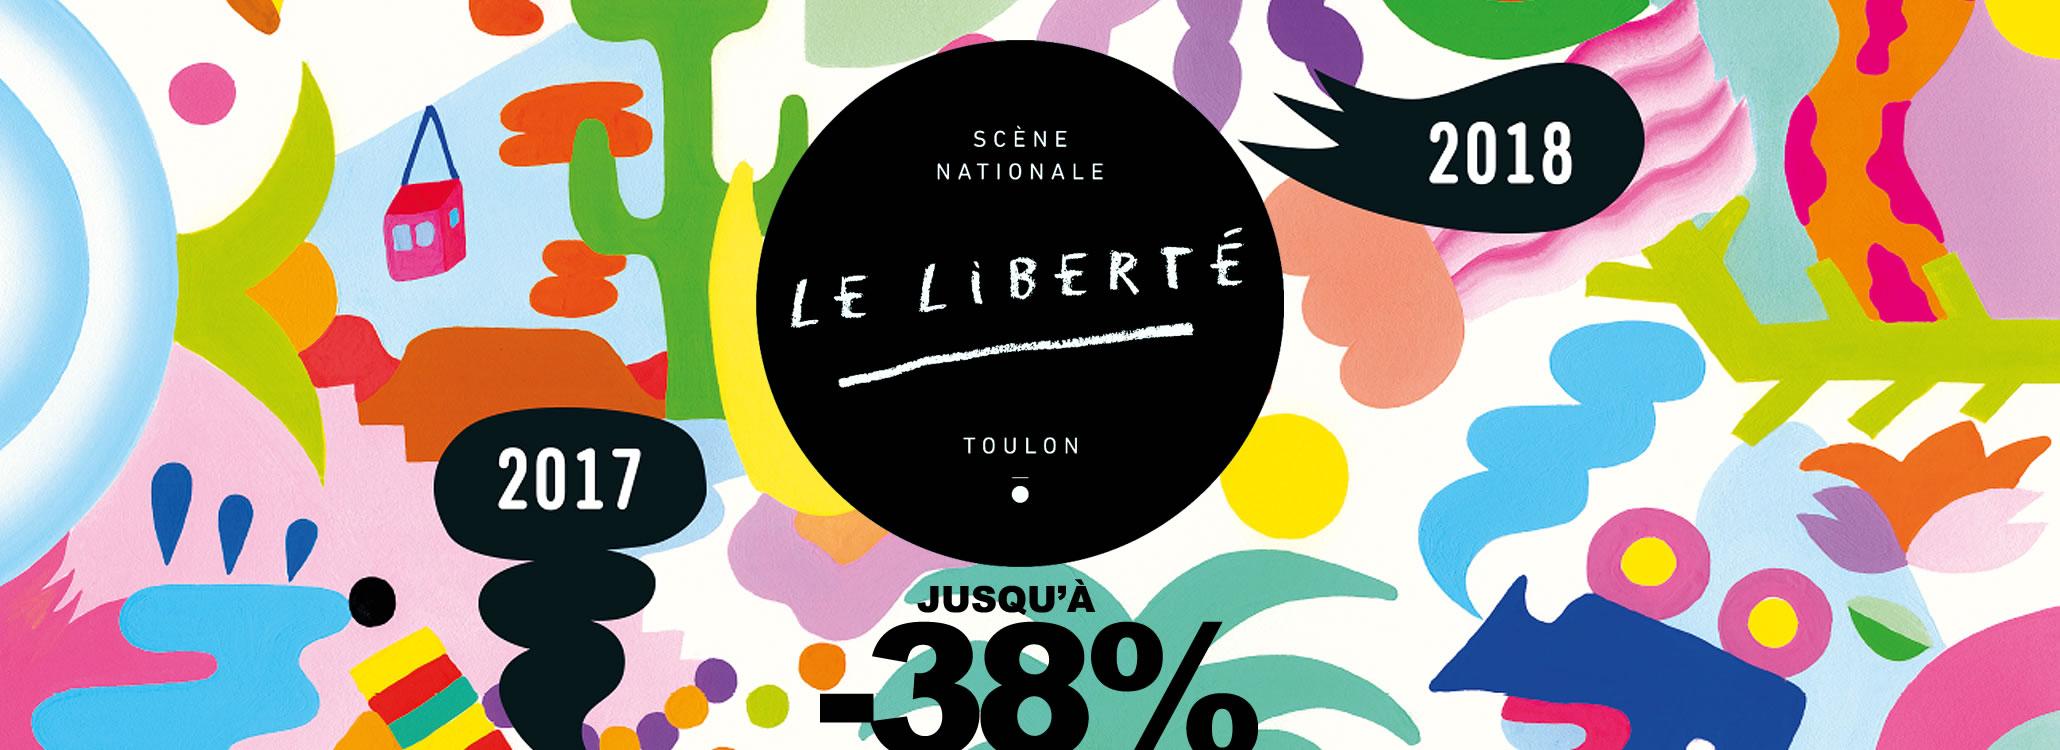 diaporama-INDEX-LOISIRS-THEATRE-LIBERTE--2017-2018